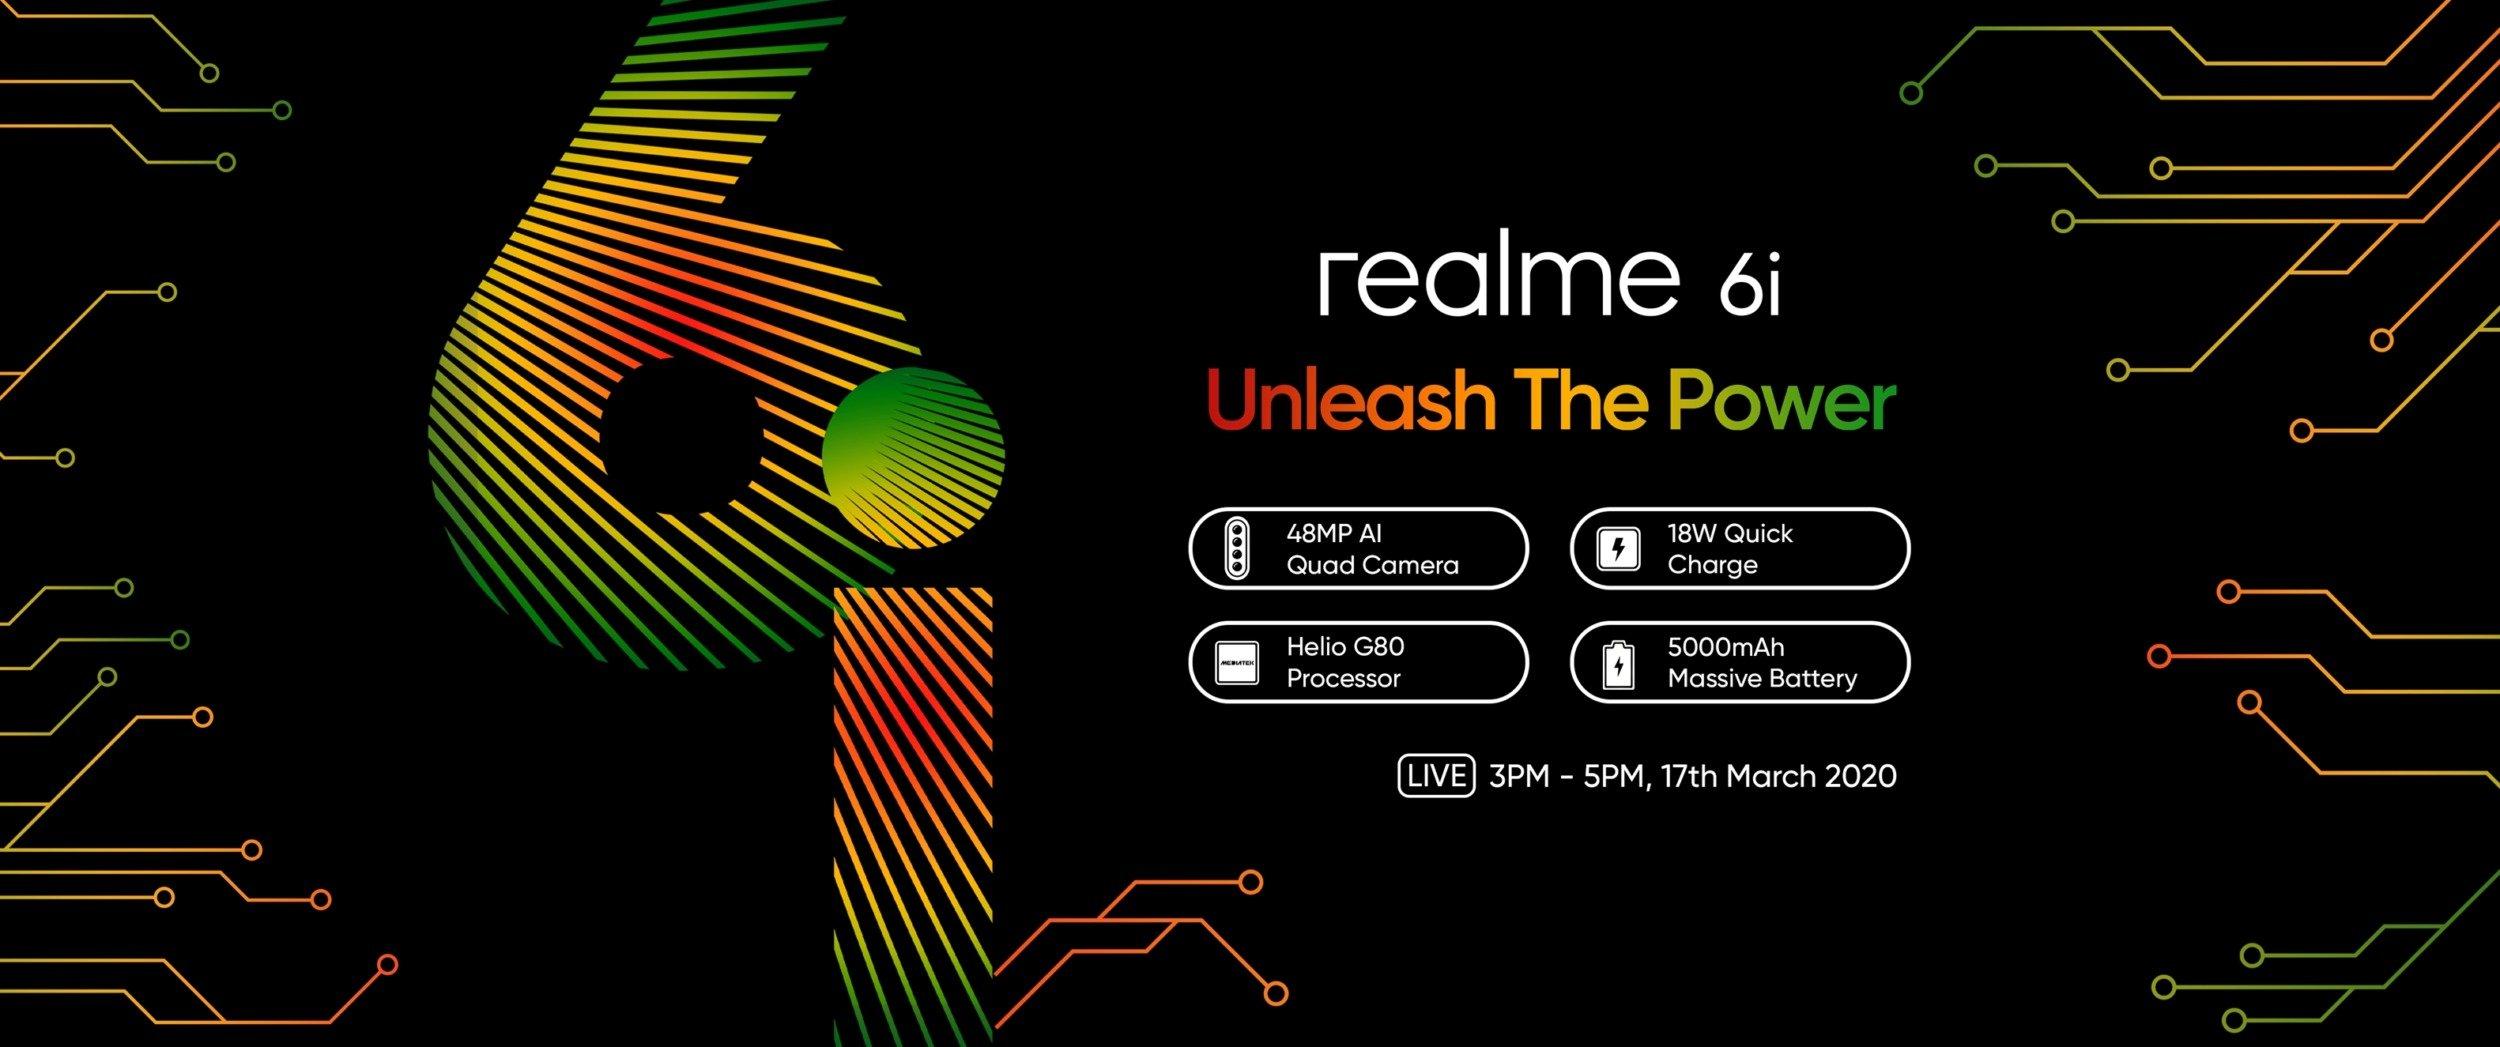 Характеристики Realme 6i